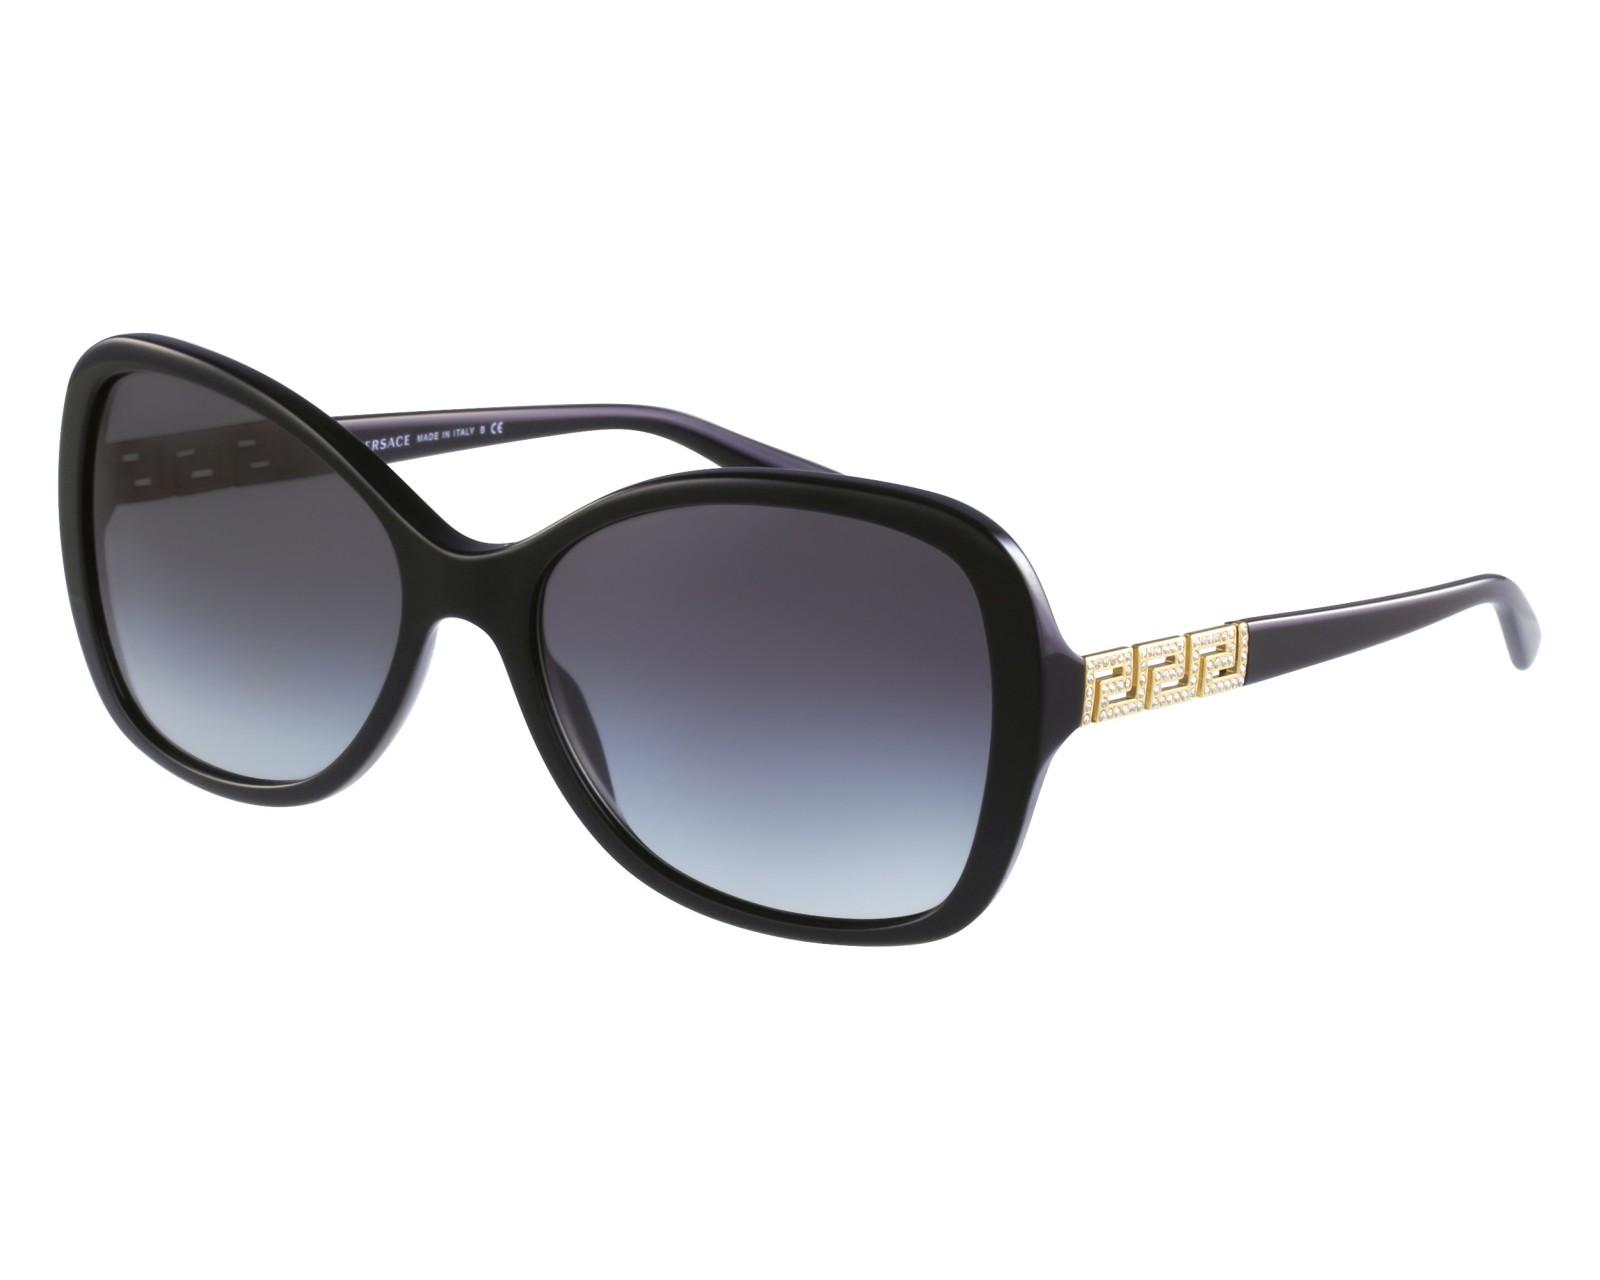 5d0521decf432 thumbnail Sunglasses Versace VE-4271-B GB1 8G - Black front view